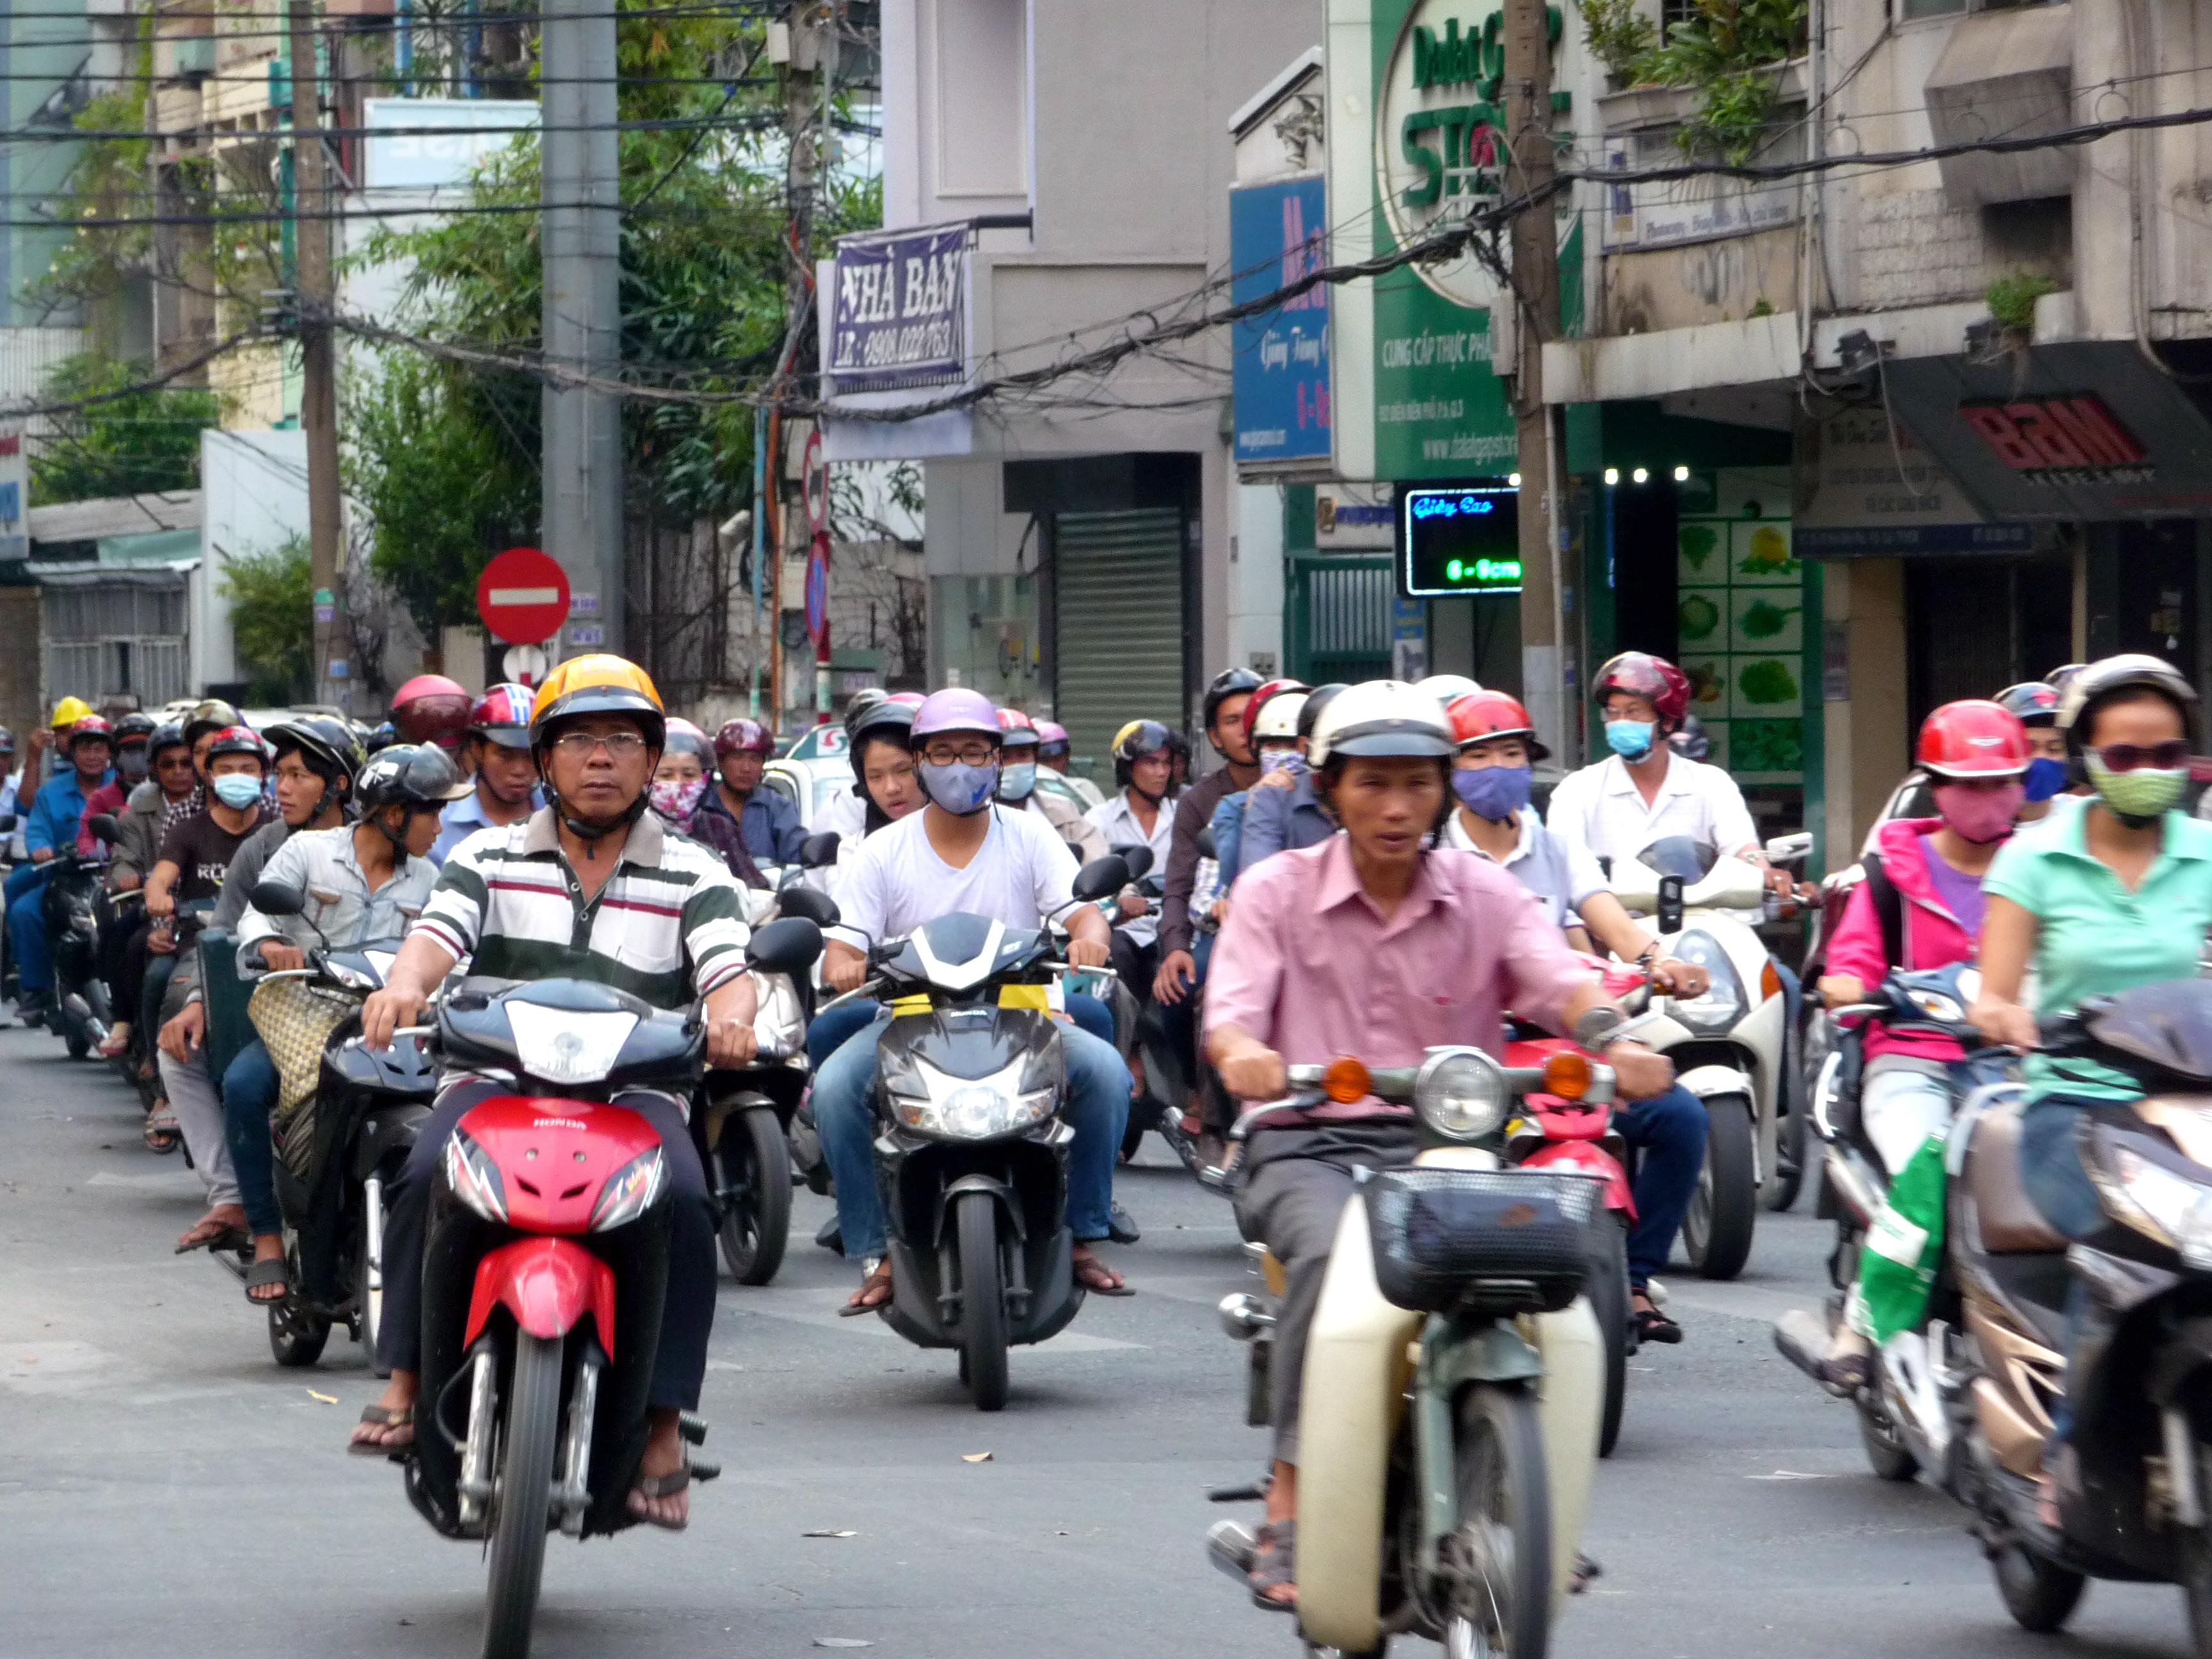 Mopeds auf den Strassen von Saigon, Vietnam